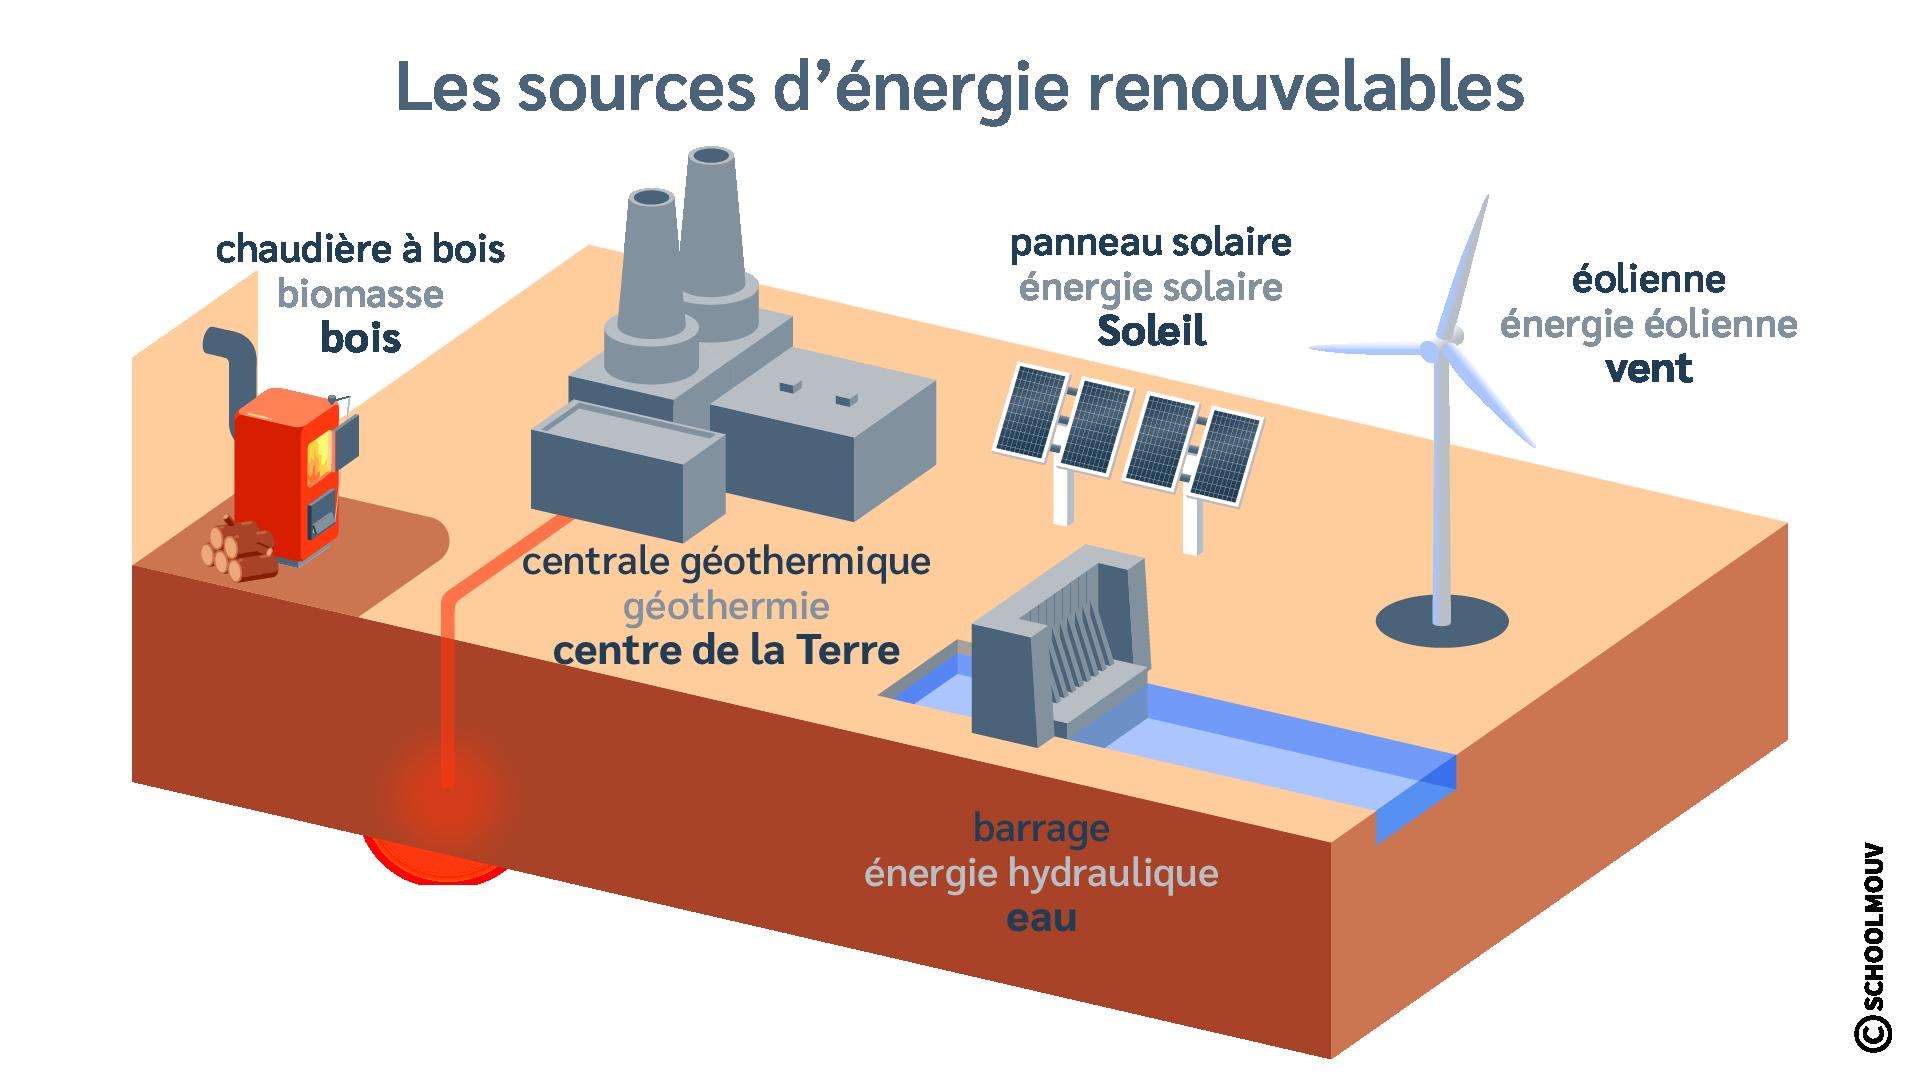 sciences et technologie cm1 les sources d'énergie renouvelables